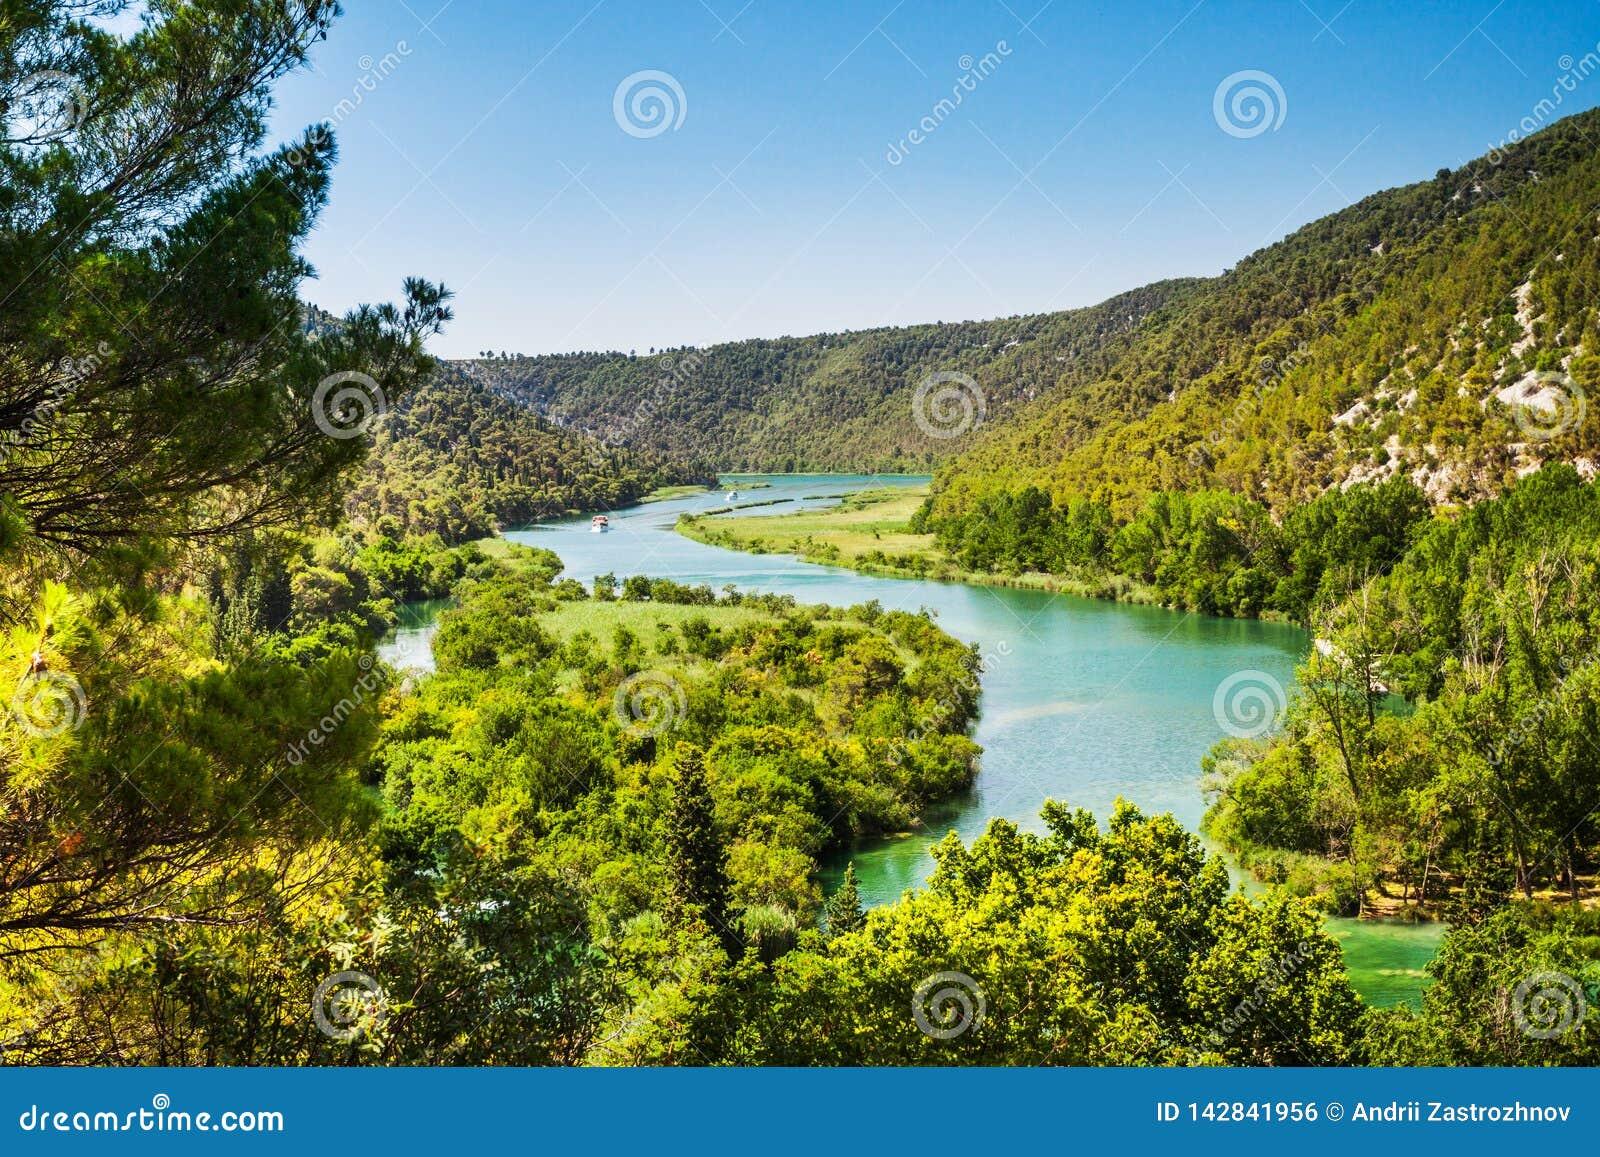 Deux bateaux naviguent sur la rivière Autour de la forêt et des montagnes Krka, parc national, Dalmatie, Croatie